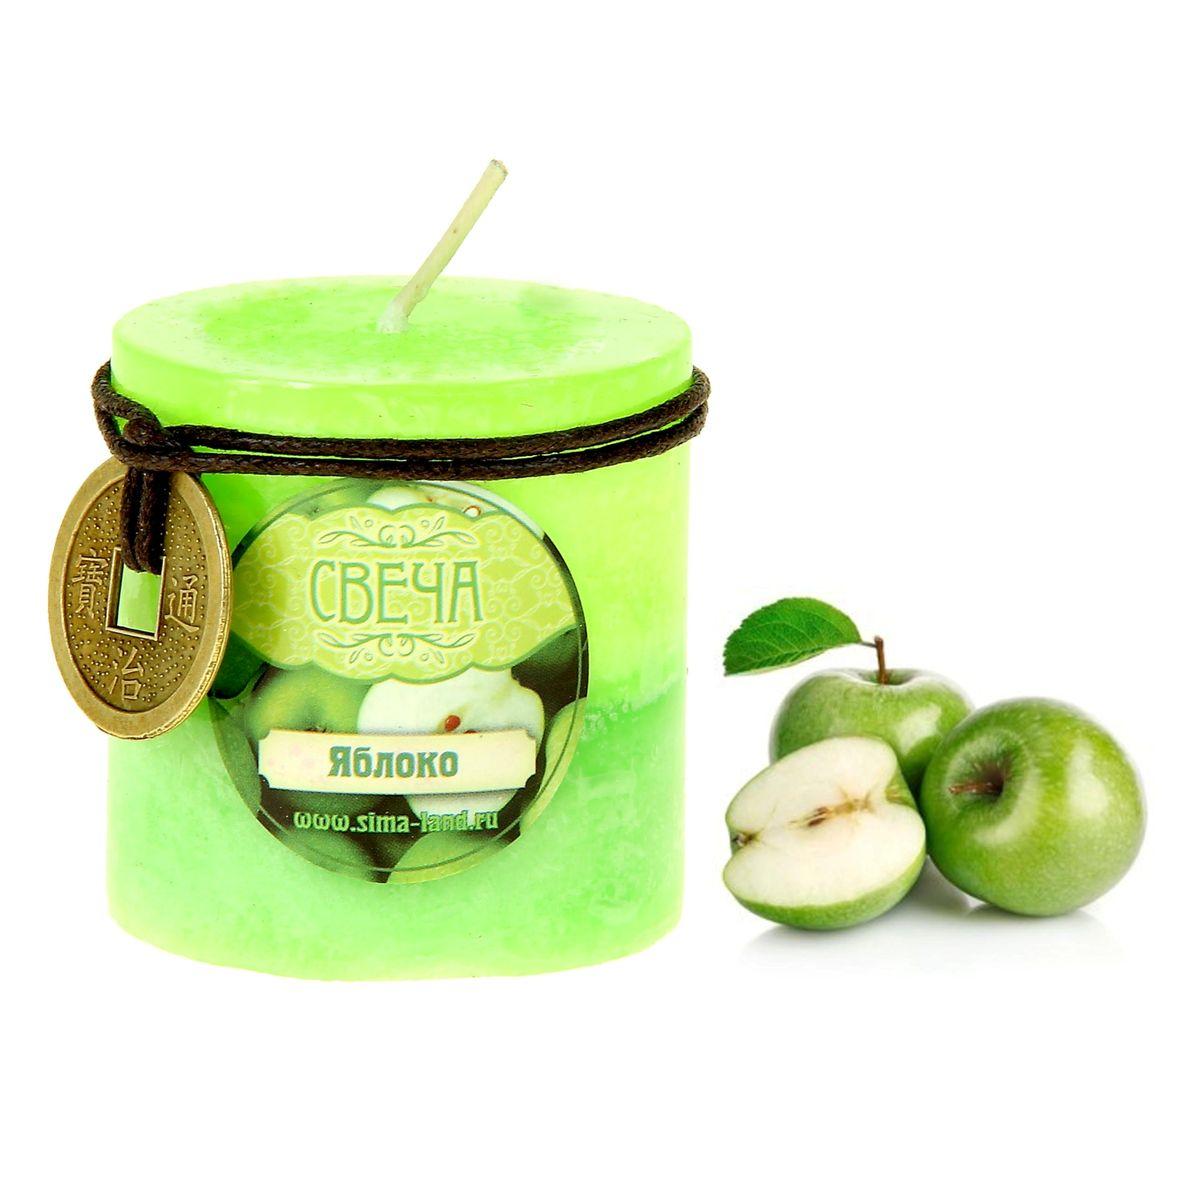 Свеча ароматизированная Sima-land Яблоко, цвет: салатовый, зеленый, высота 5 см. 849459849459Свеча Sima-land Яблоко выполнена из воска в виде столбика. Изделие порадует вас ярким дизайном и приятным ароматом яблока, который понравится как женщинам, так и мужчинам. В комплекте - монета на шнурке, декорированная рельефными изображениями иероглифов. Создайте для себя и своих близких незабываемую атмосферу праздника в доме. Ароматическая свеча Sima-land Яблоко может стать не только отличным подарком, но и гарантией хорошего настроения, ведь это красивая вещь из качественного, безопасного для здоровья материала.